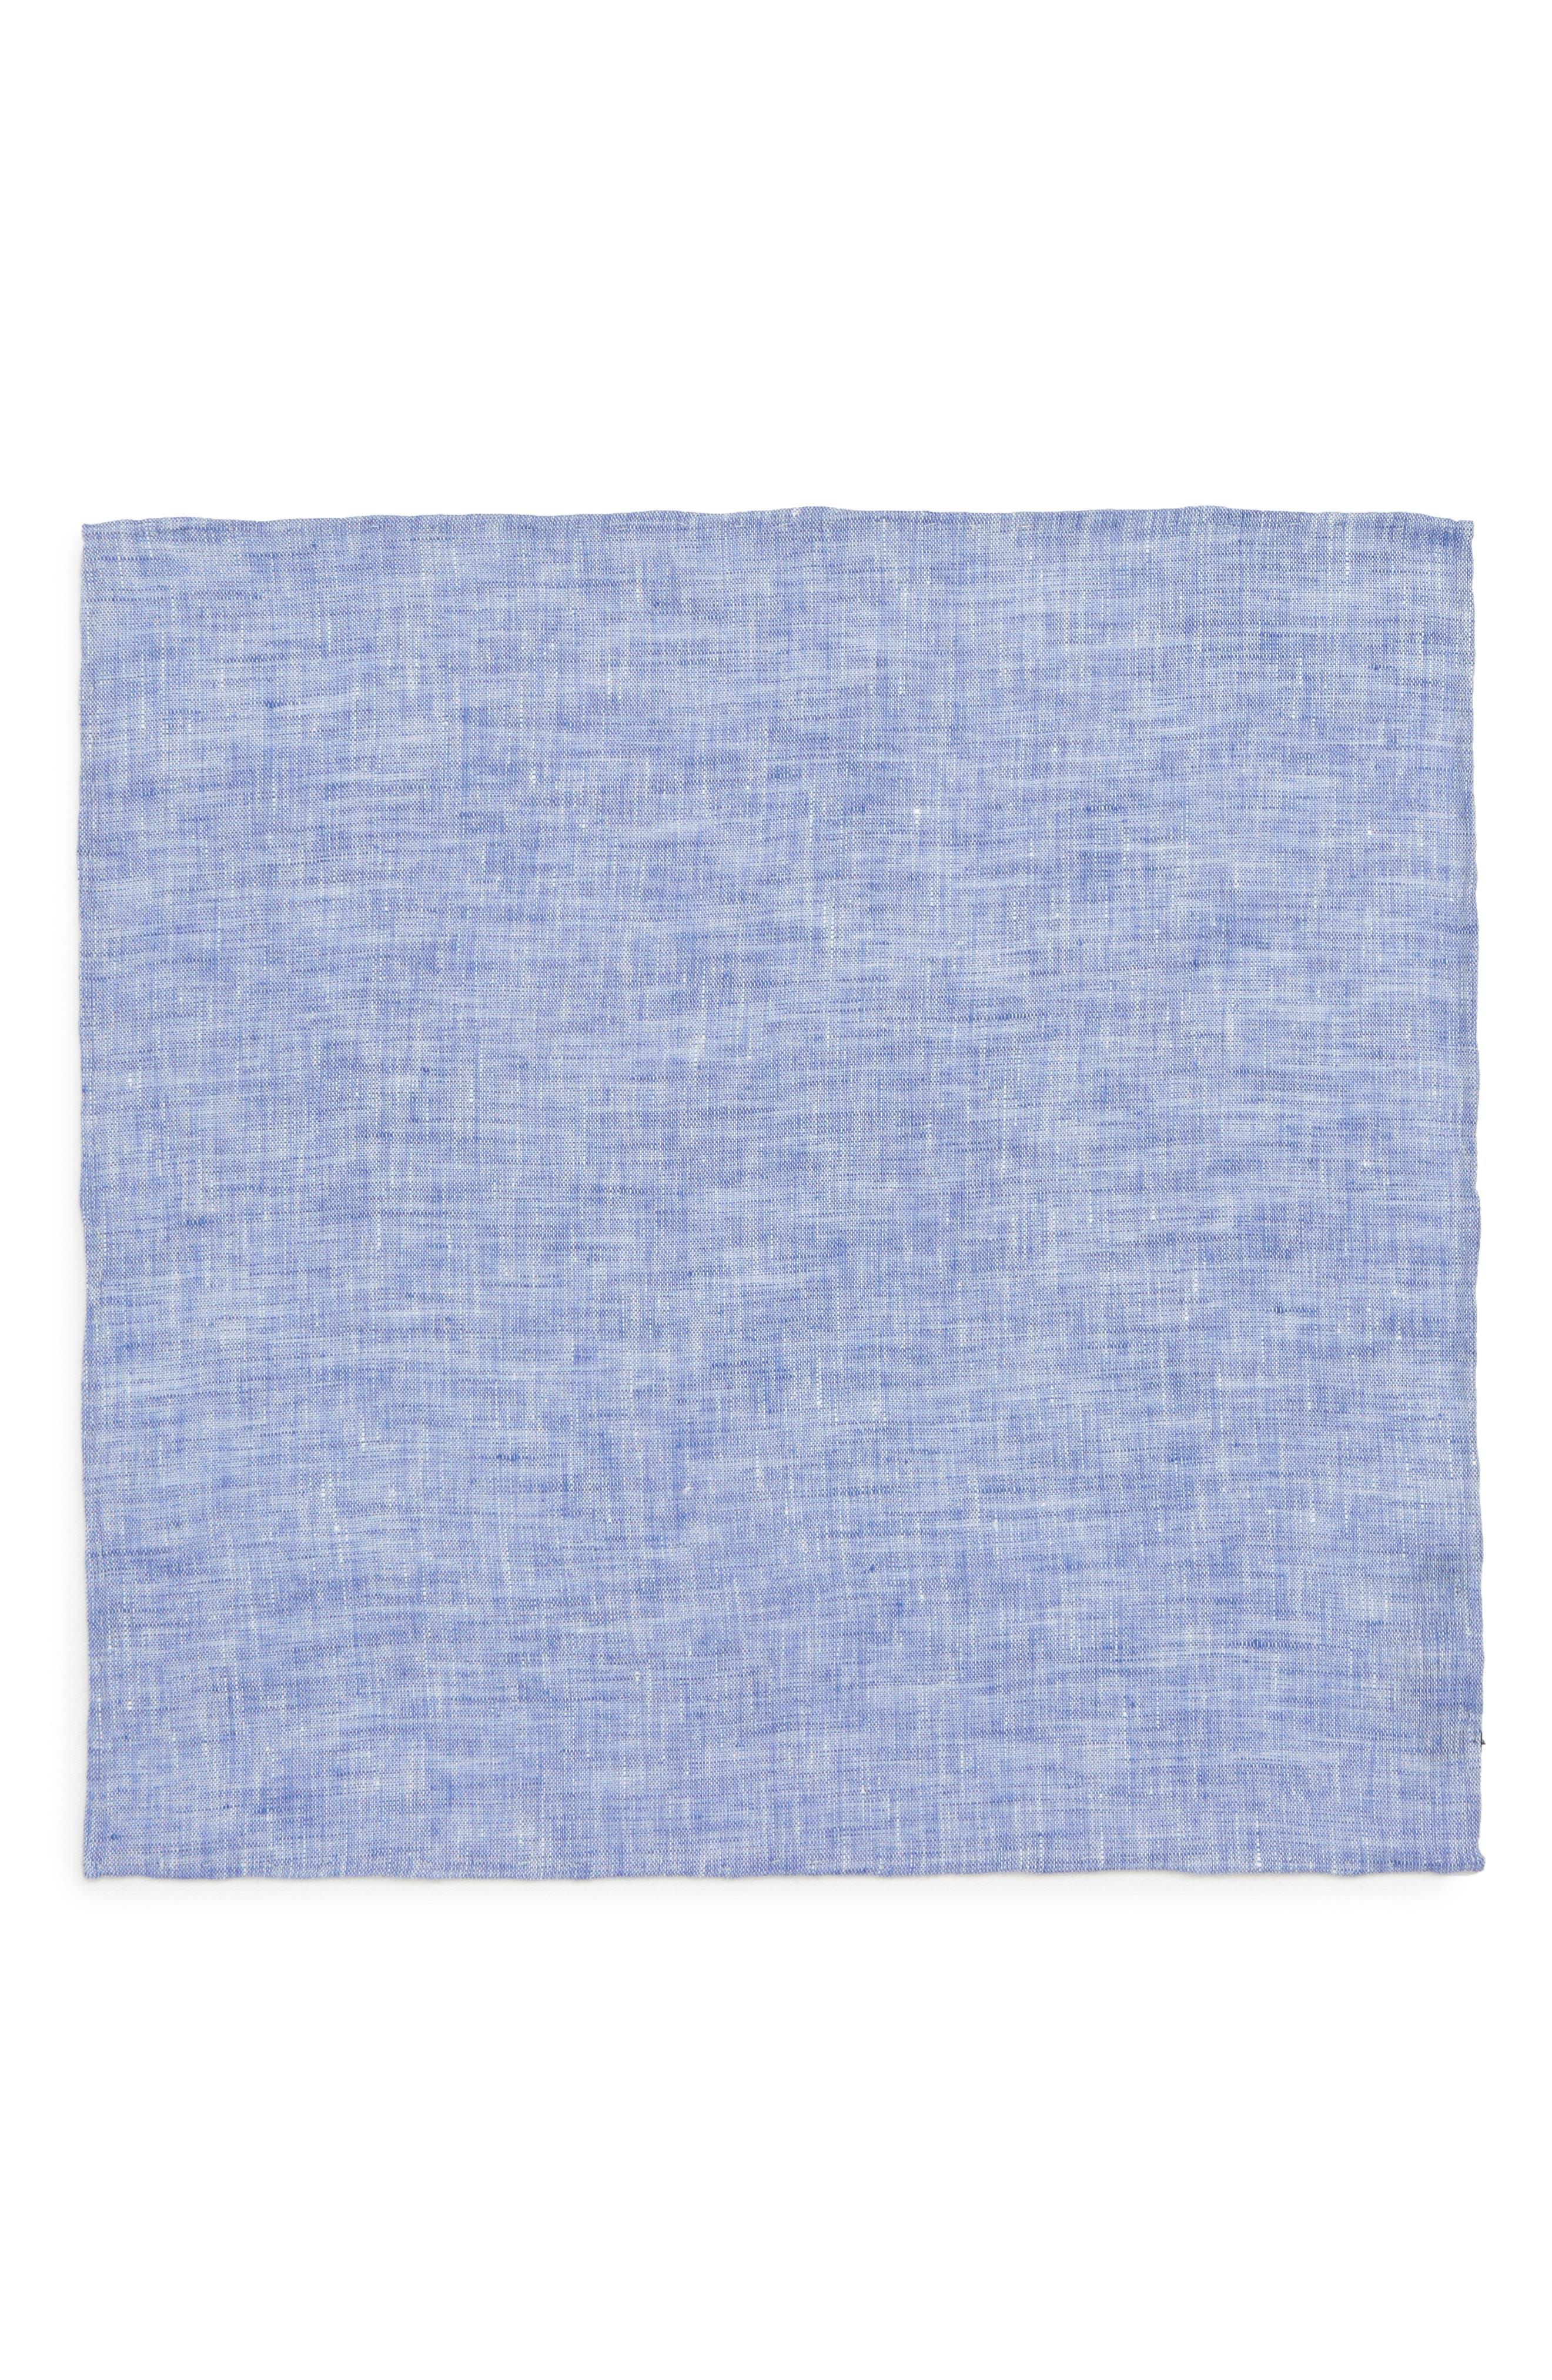 South End Linen Pocket Square,                             Alternate thumbnail 2, color,                             Blue